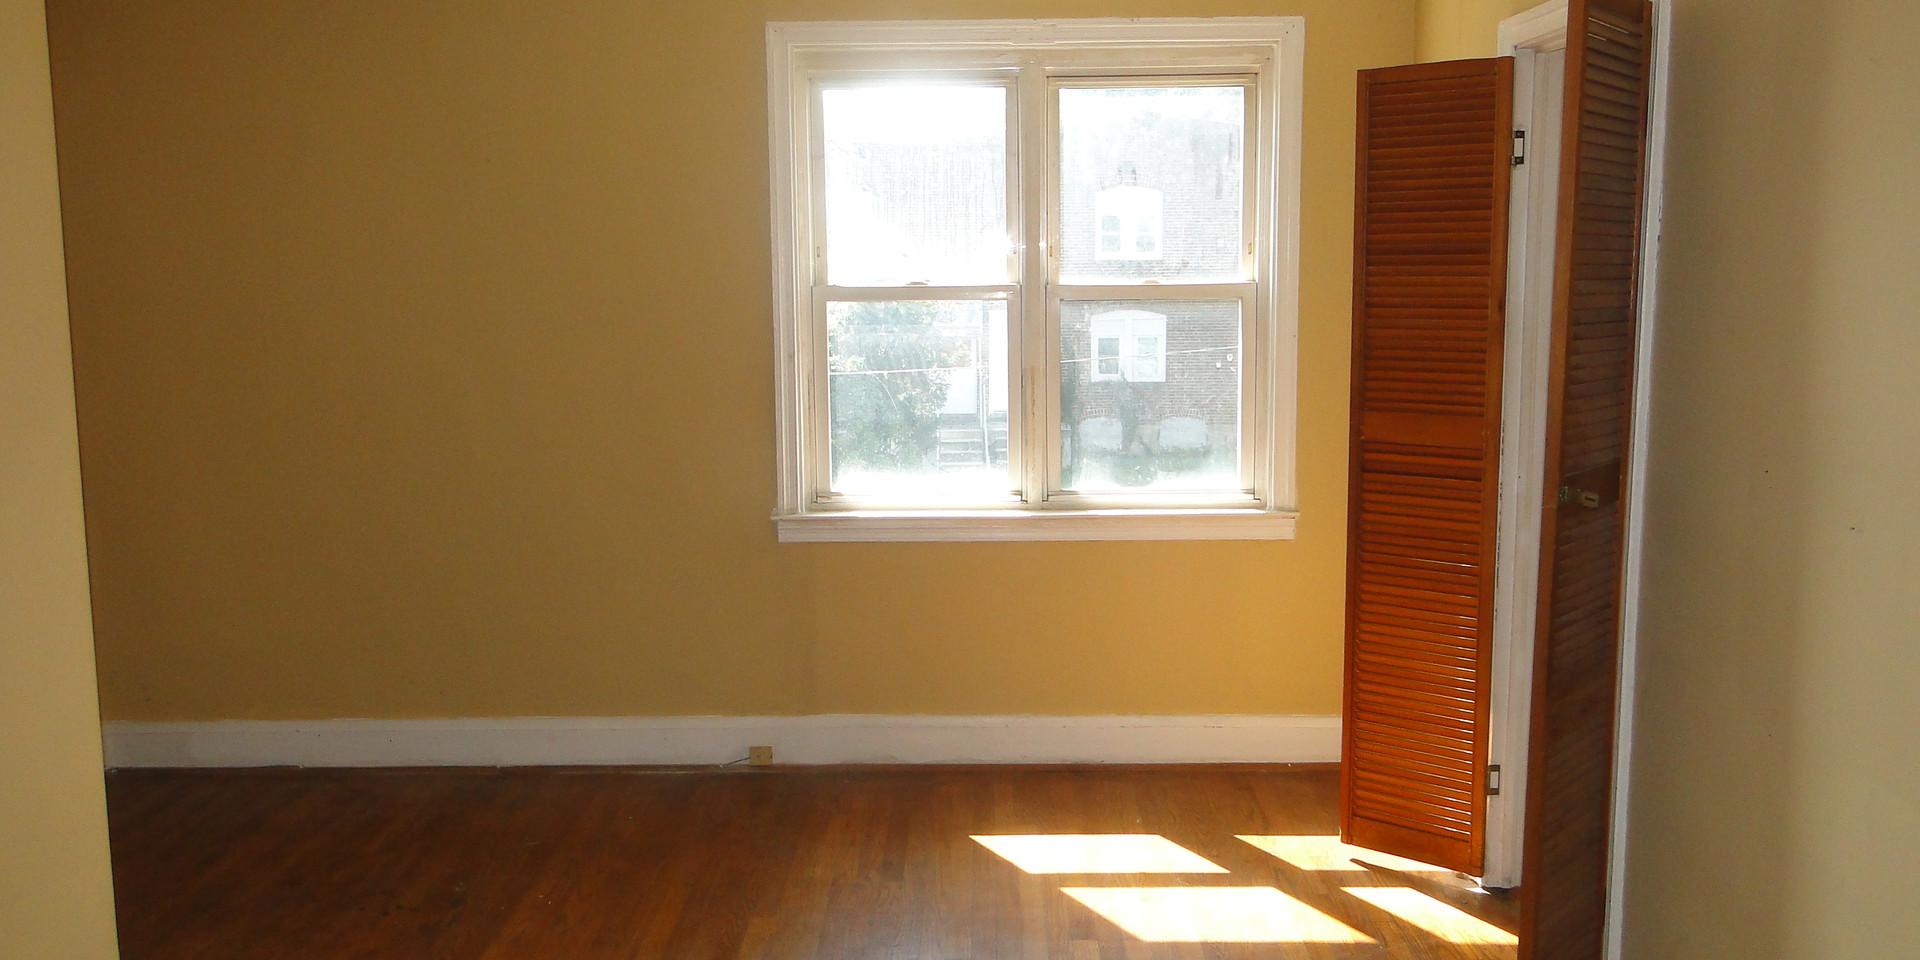 10 - Second Level Living Room 1.JPG